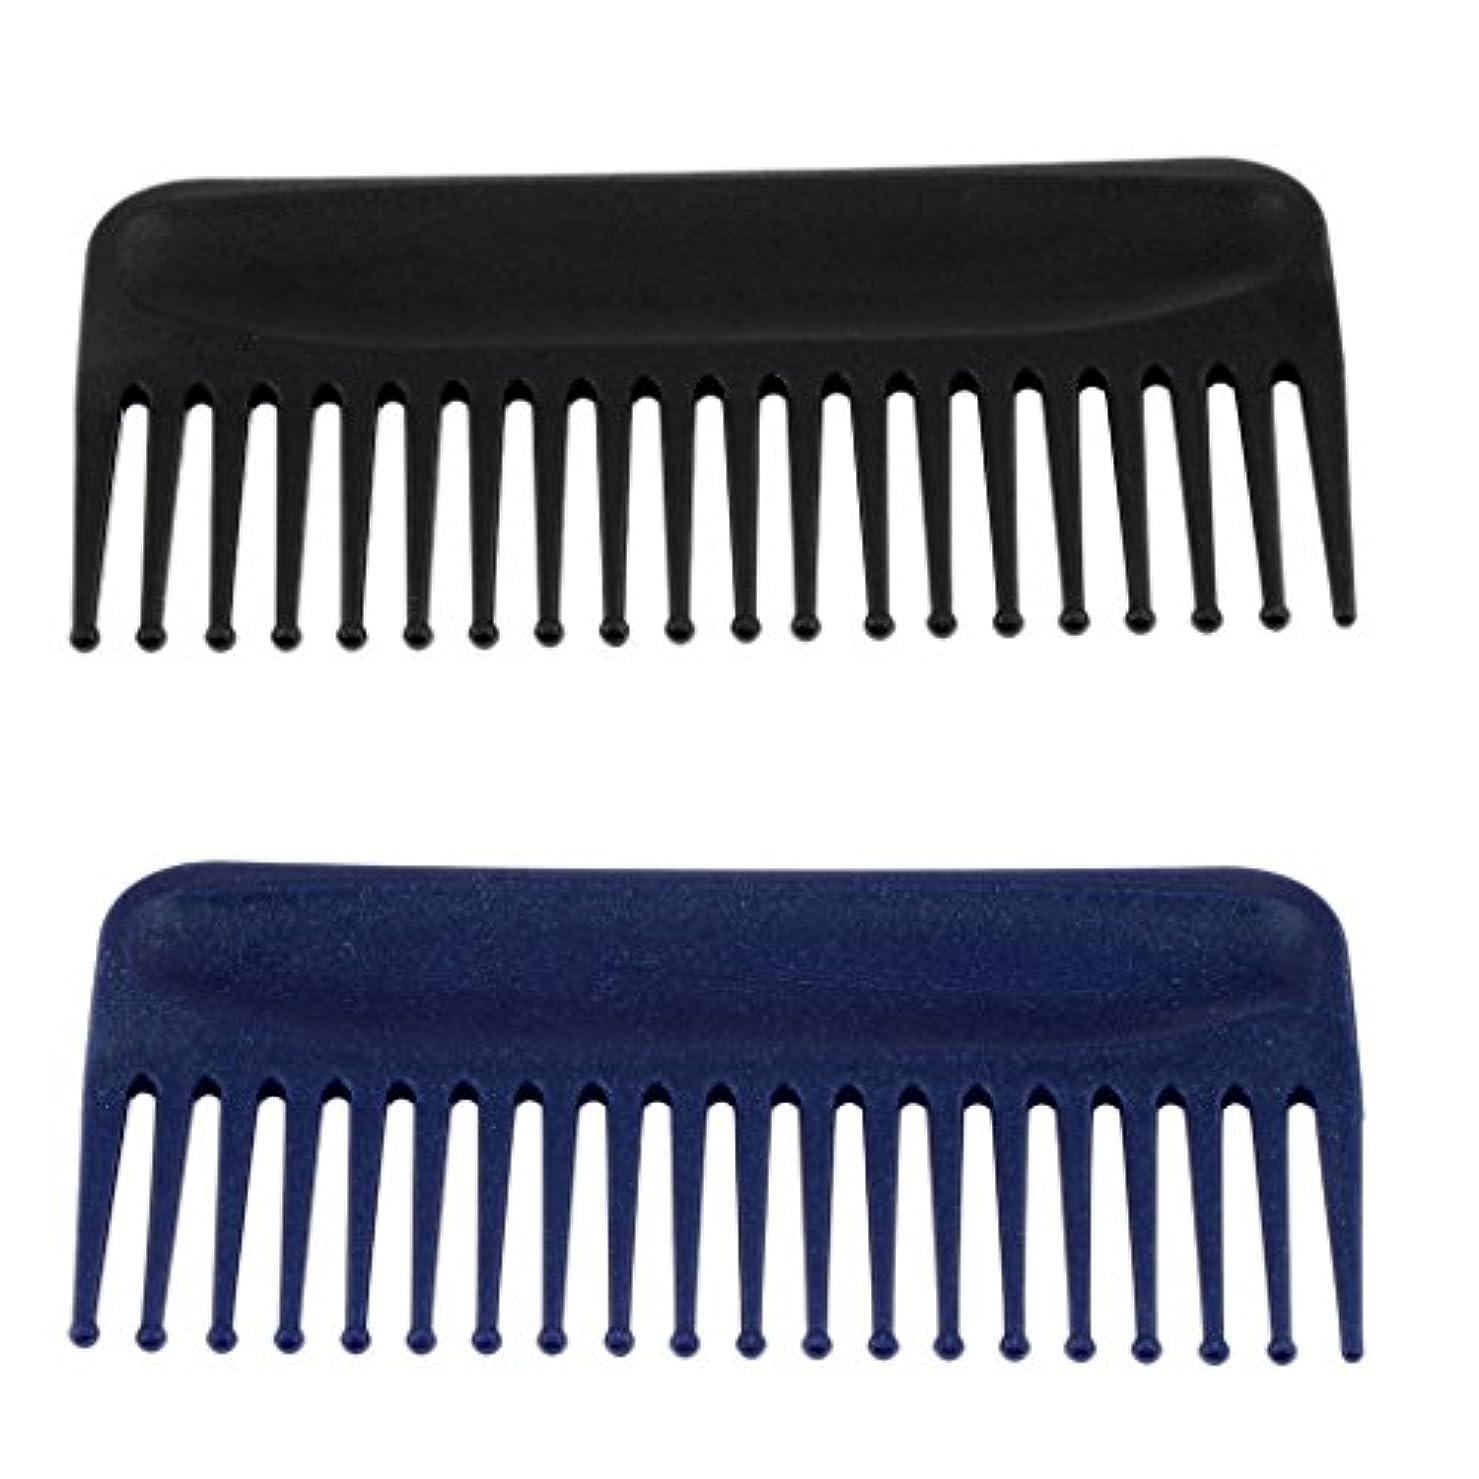 見分ける暗殺する合金ヘアコーム くし 櫛 ヘアブラシ 頭皮マッサージ 静電気防止 美髪ケア 快適 プラスチック製 2個